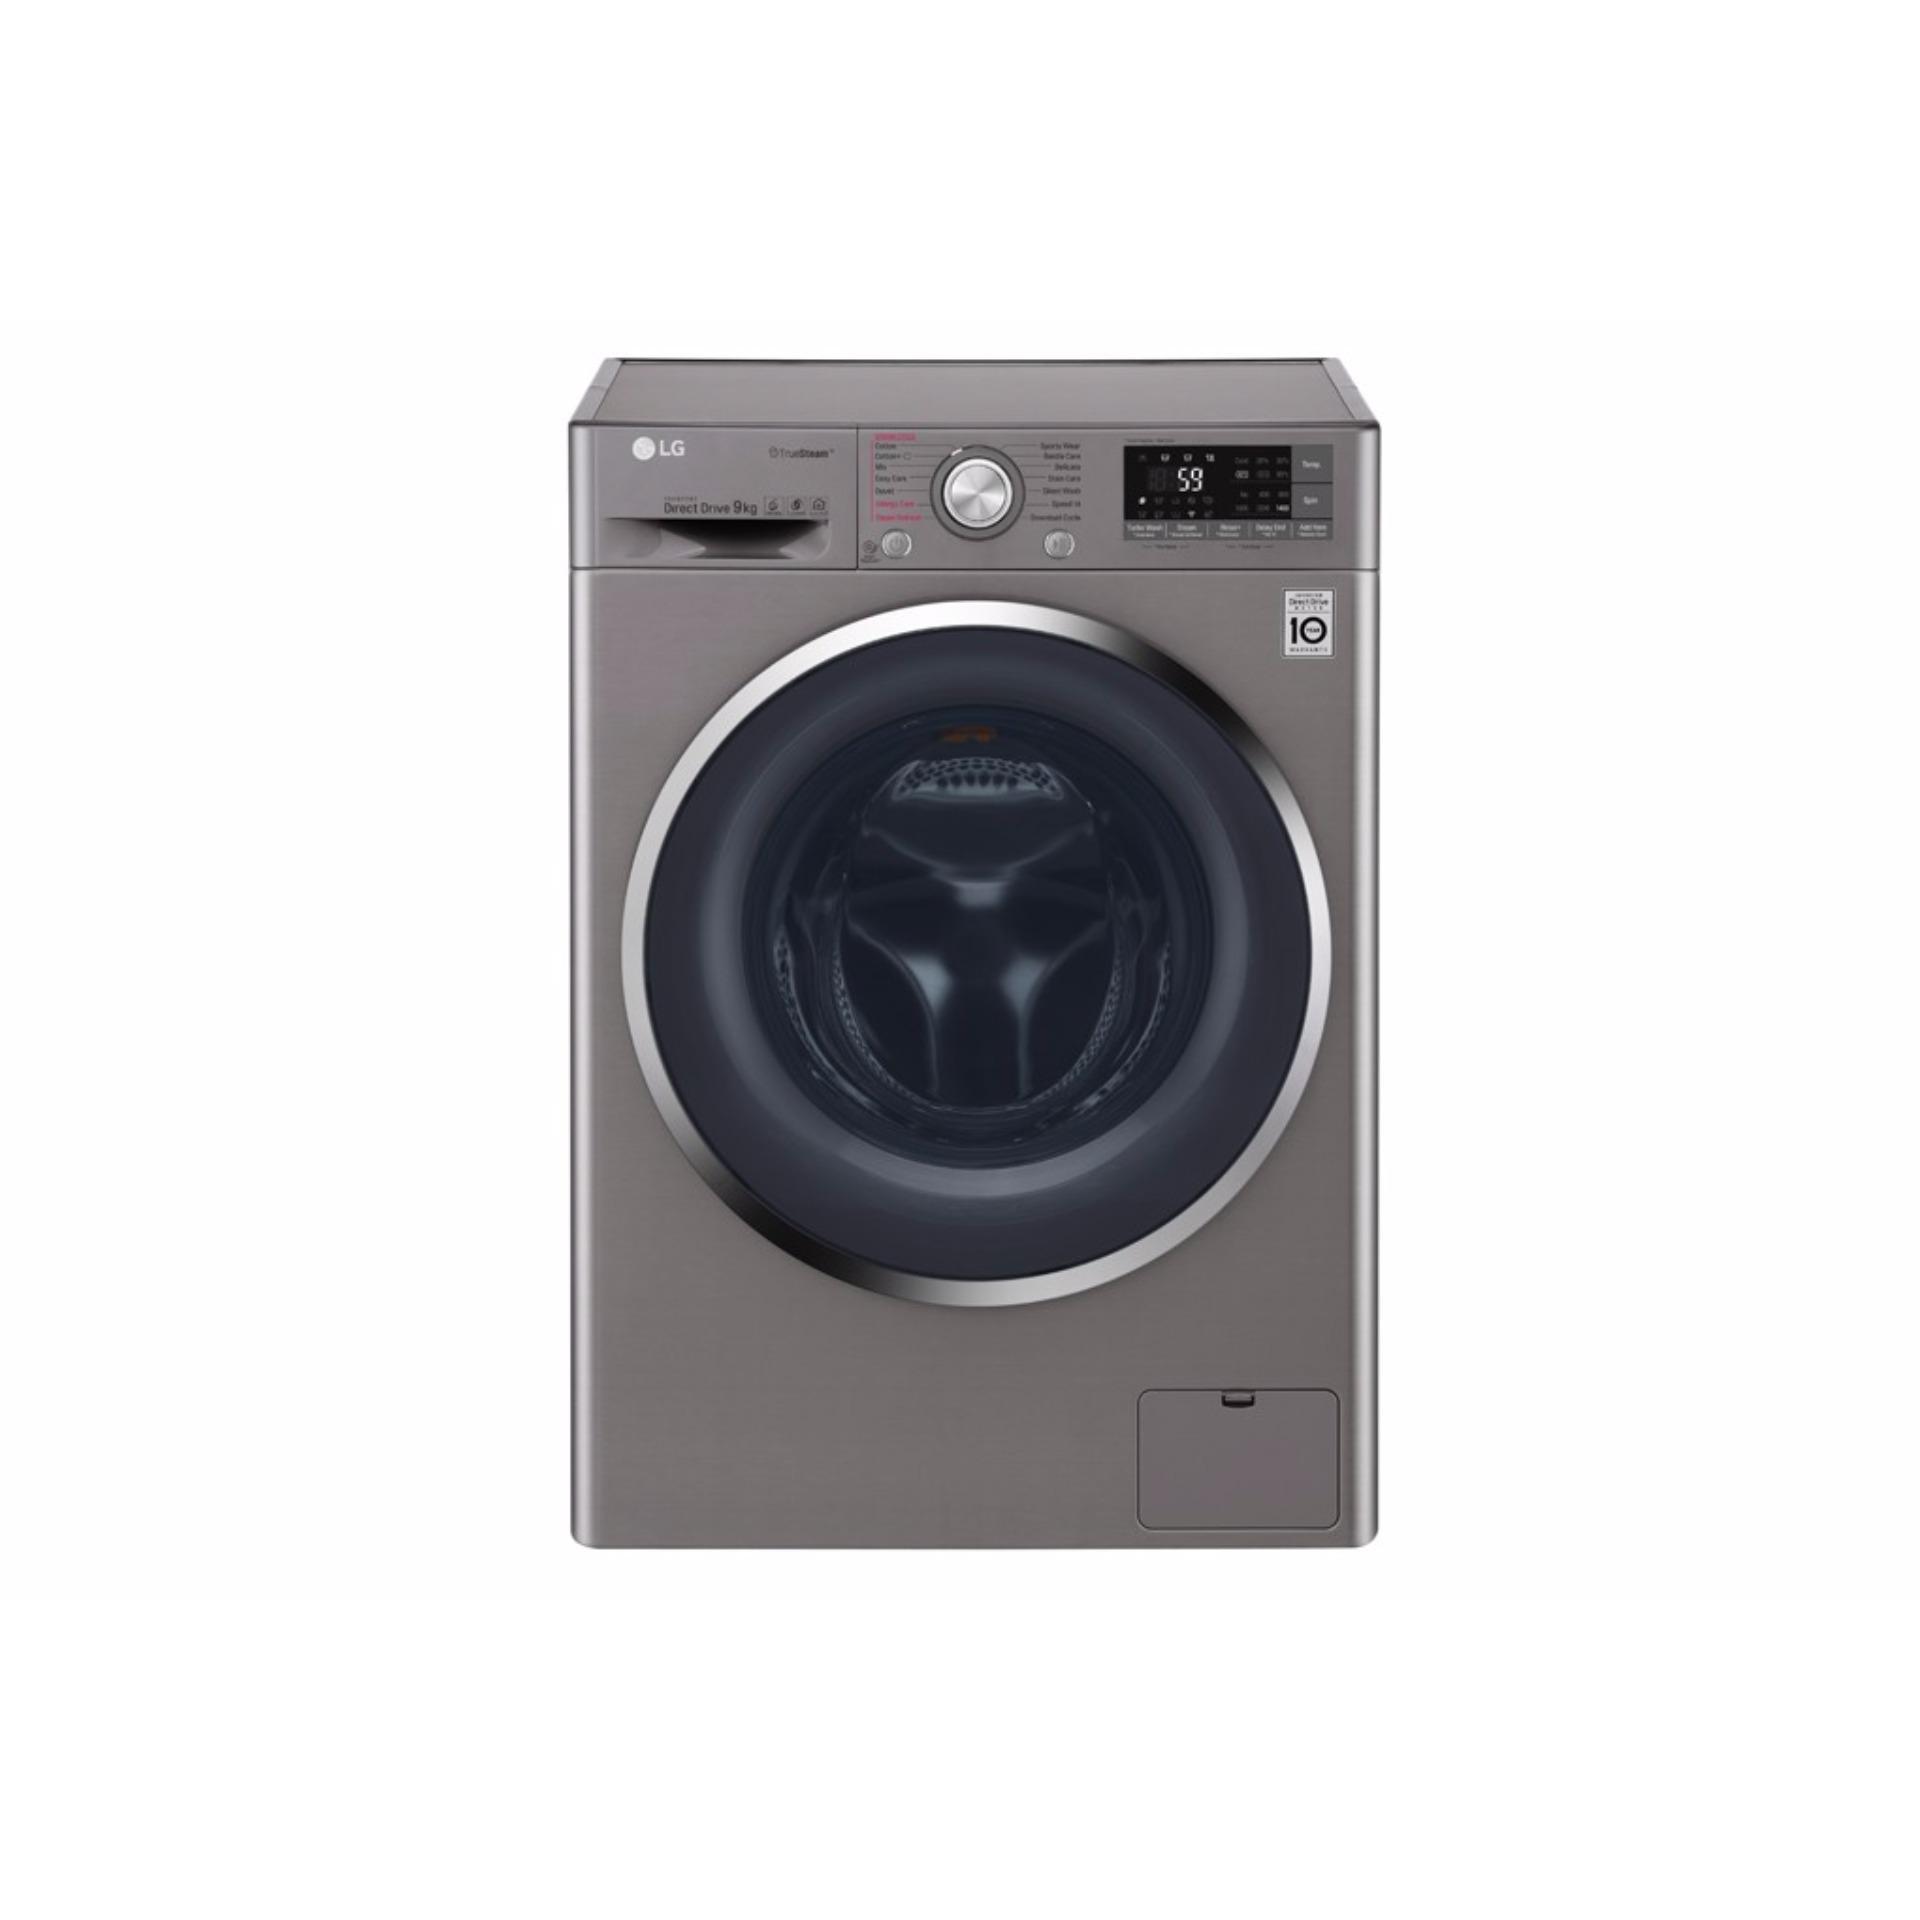 Máy giặt lồng ngang LG FC1409S2E (Bạc)